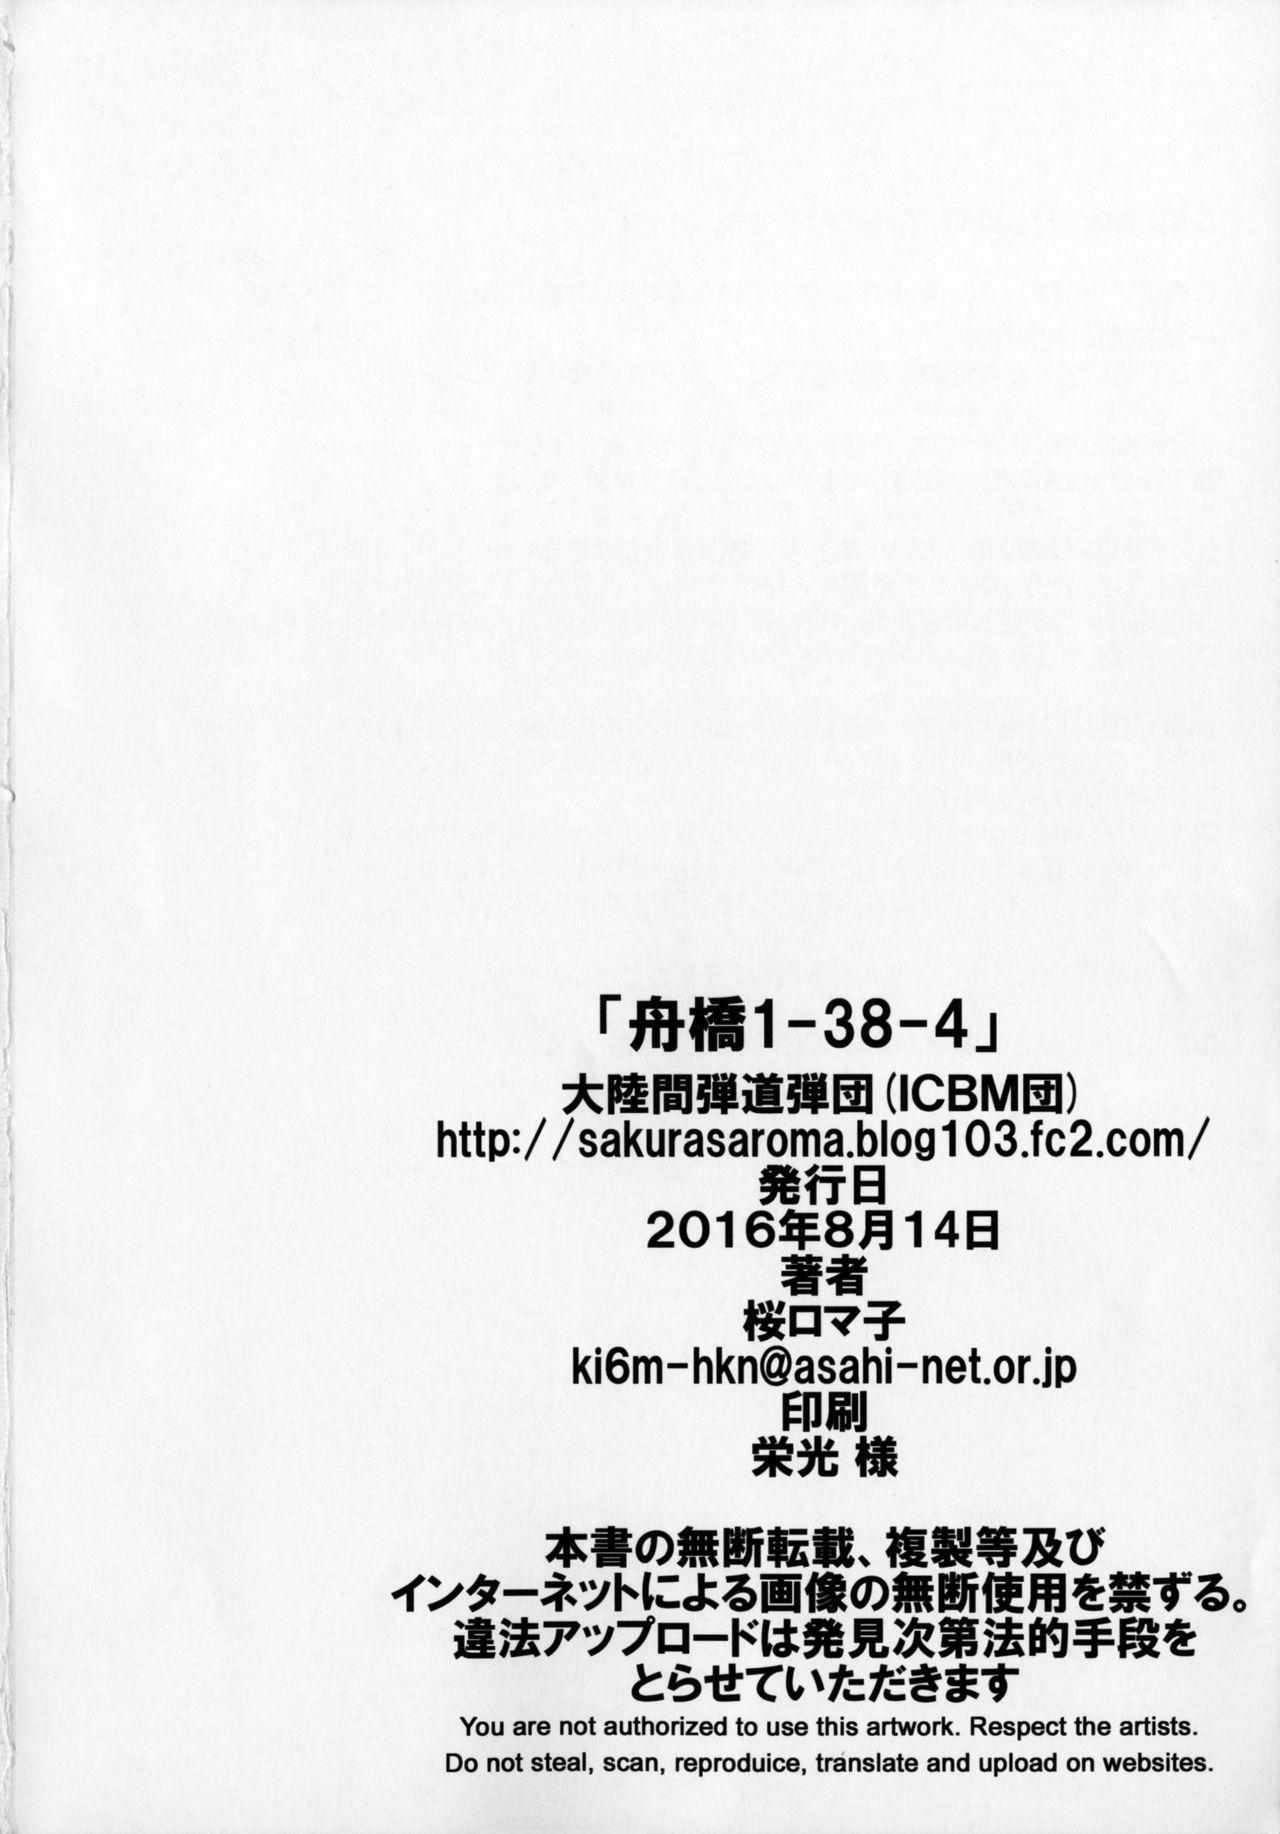 (C90) [Tairikukan Dandoudan Dan (Sakura Romako)] Funabashi1-38-4 20